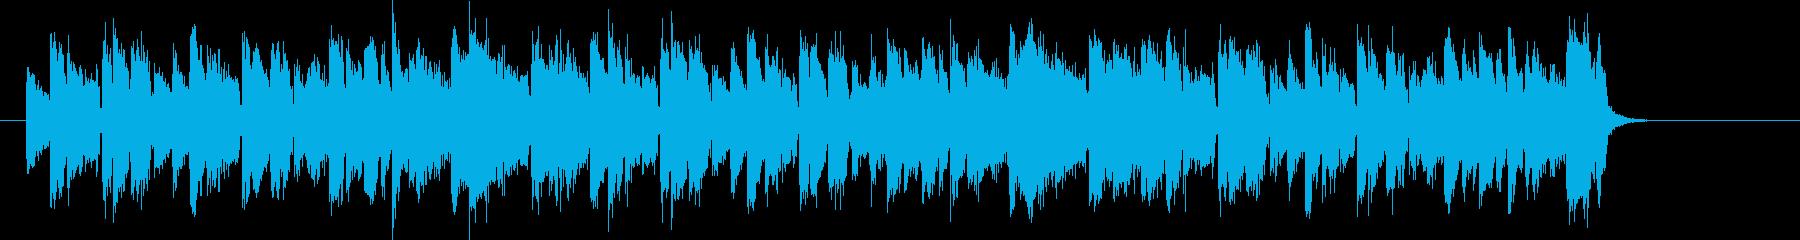 メローで軽快なシンセポップジングルの再生済みの波形